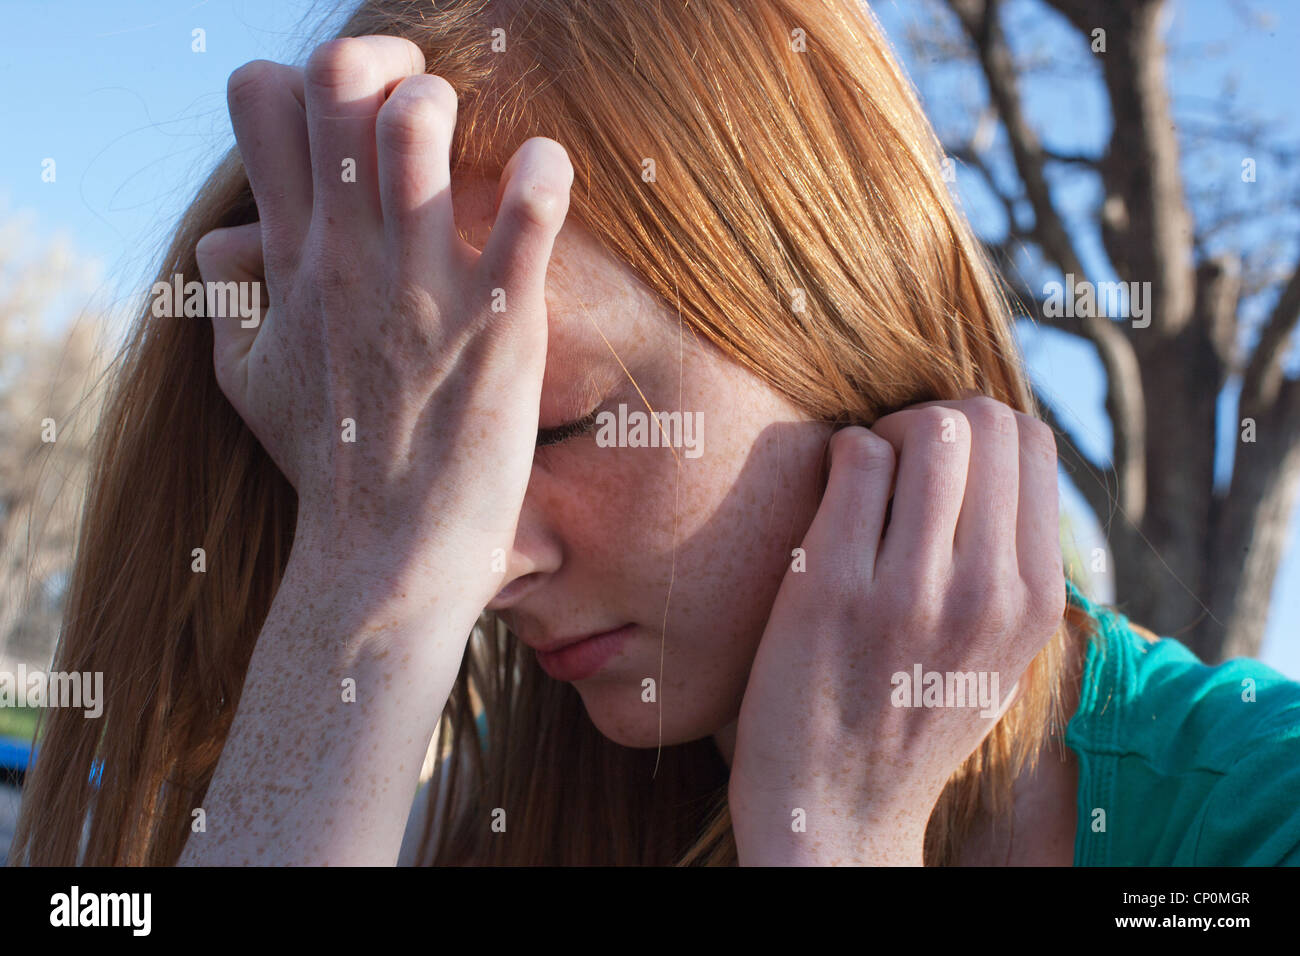 In prossimità di un sedicenne ragazza ansia e che copre il volto con le mani all'esterno. Immagini Stock